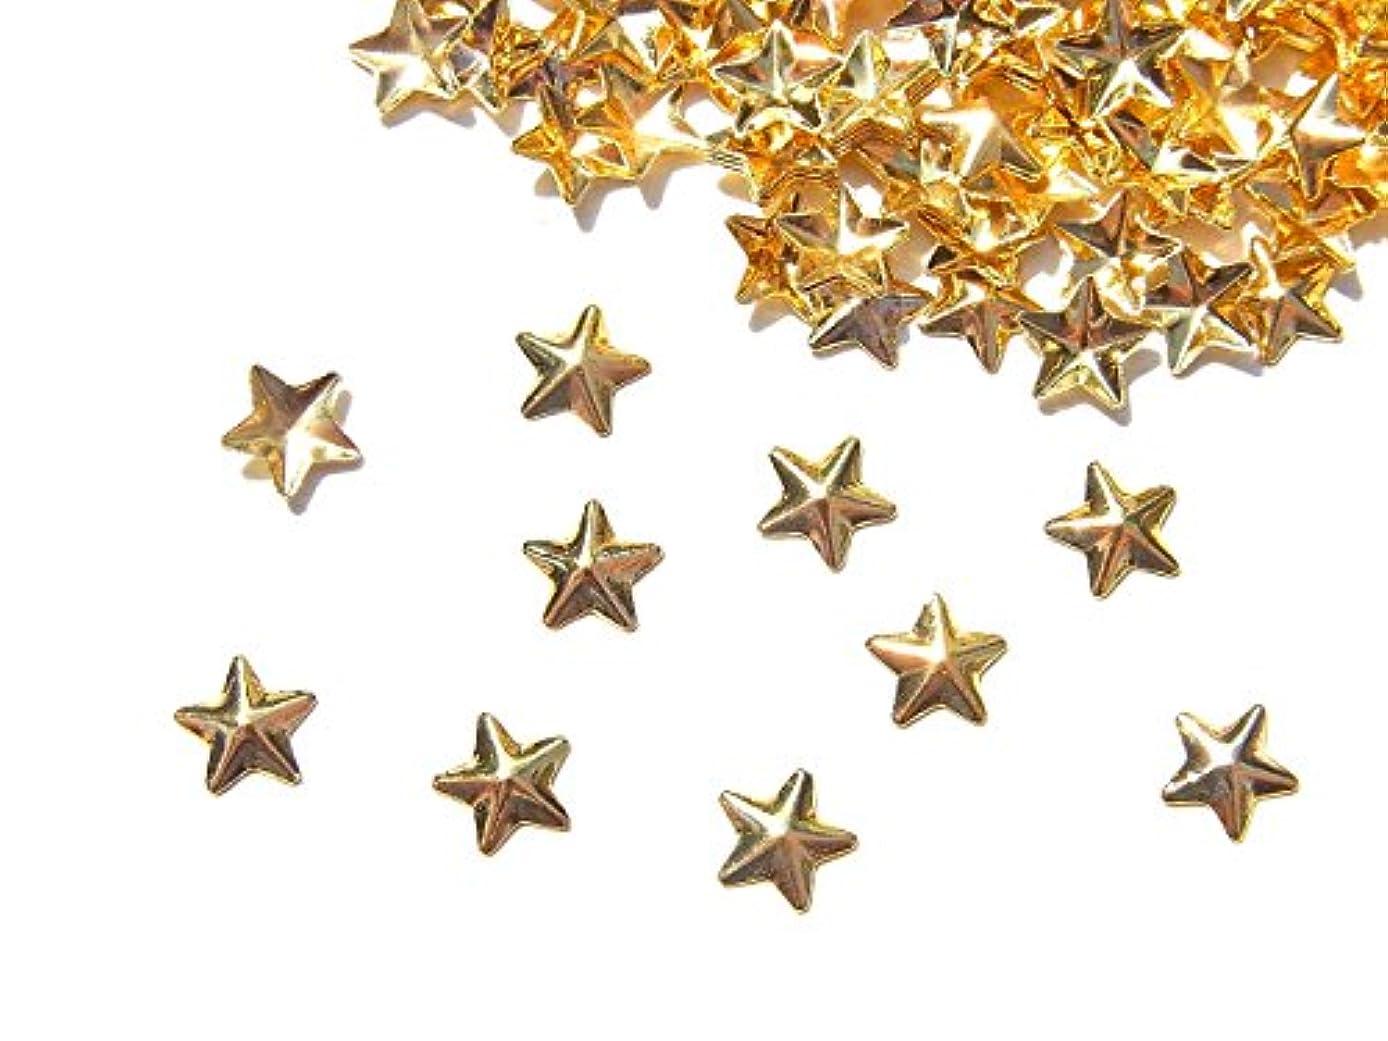 パイ恩赦苦行【jewel】mp12 ゴールド メタルスタッズ Lサイズ 星10個入り ネイルアートパーツ レジンパーツ